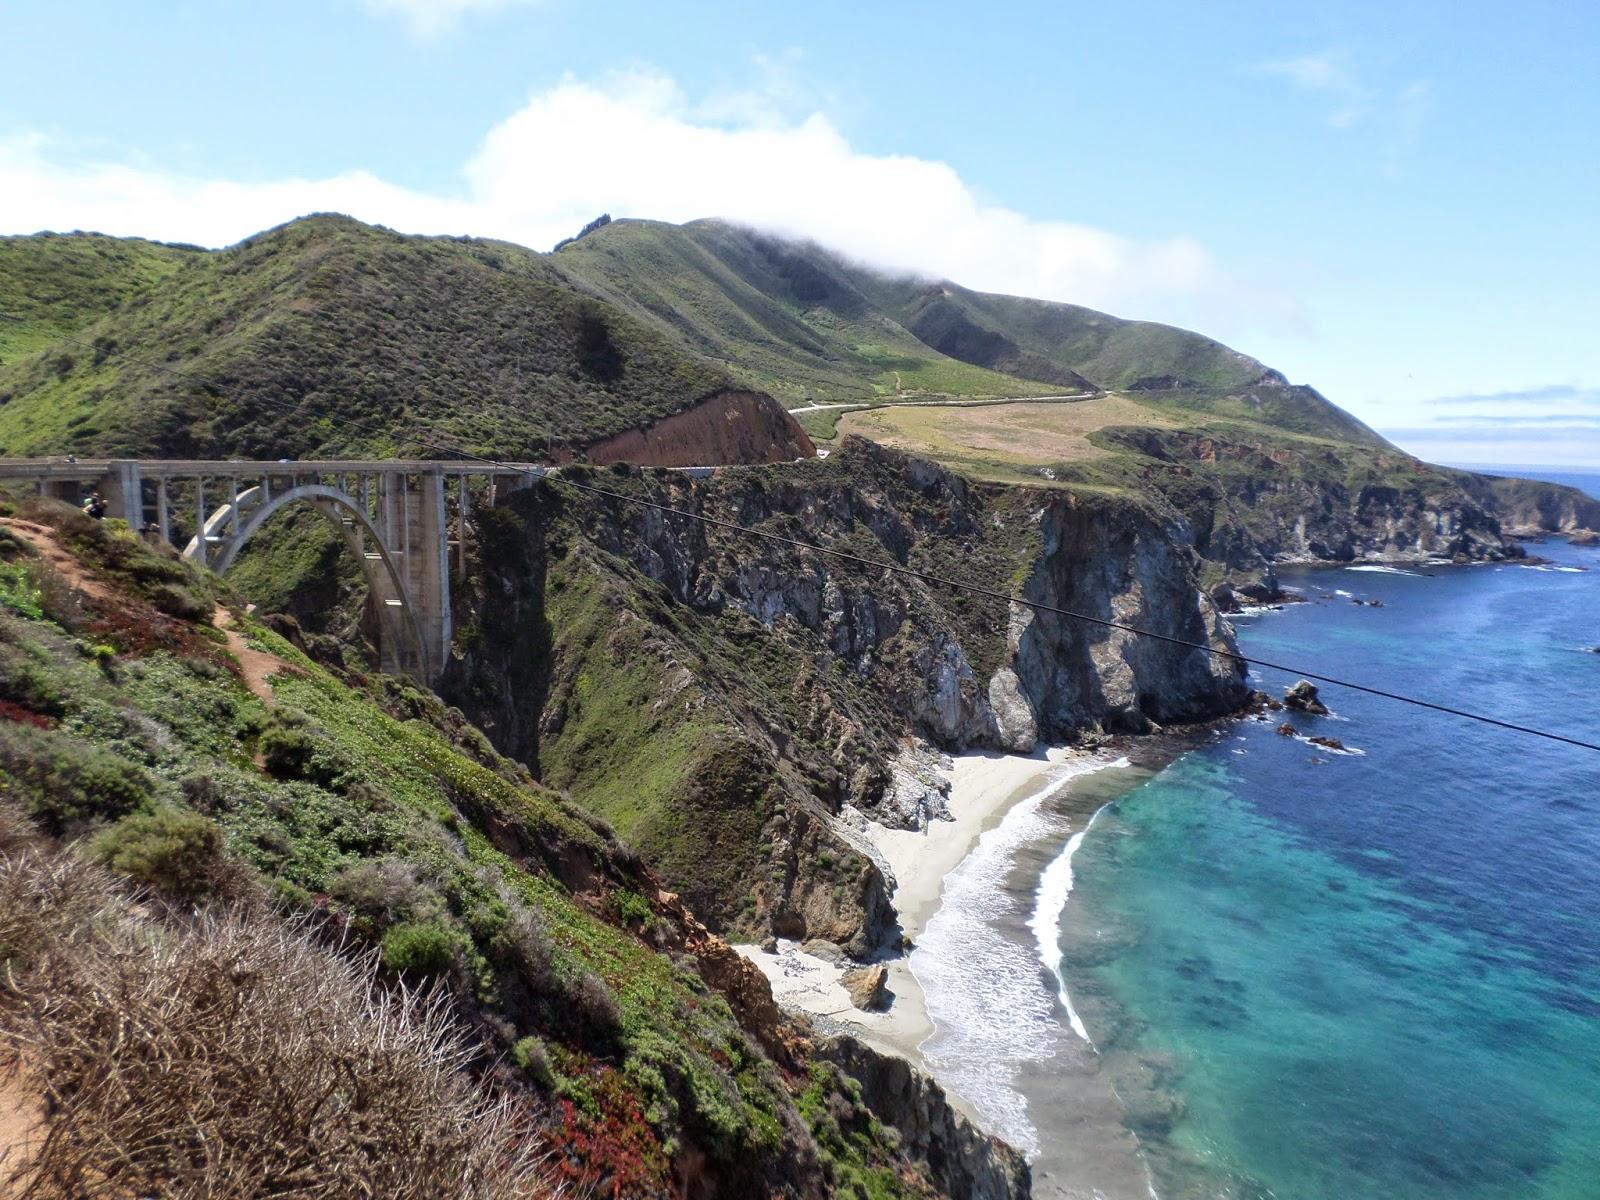 dicas viagem roadtrip california